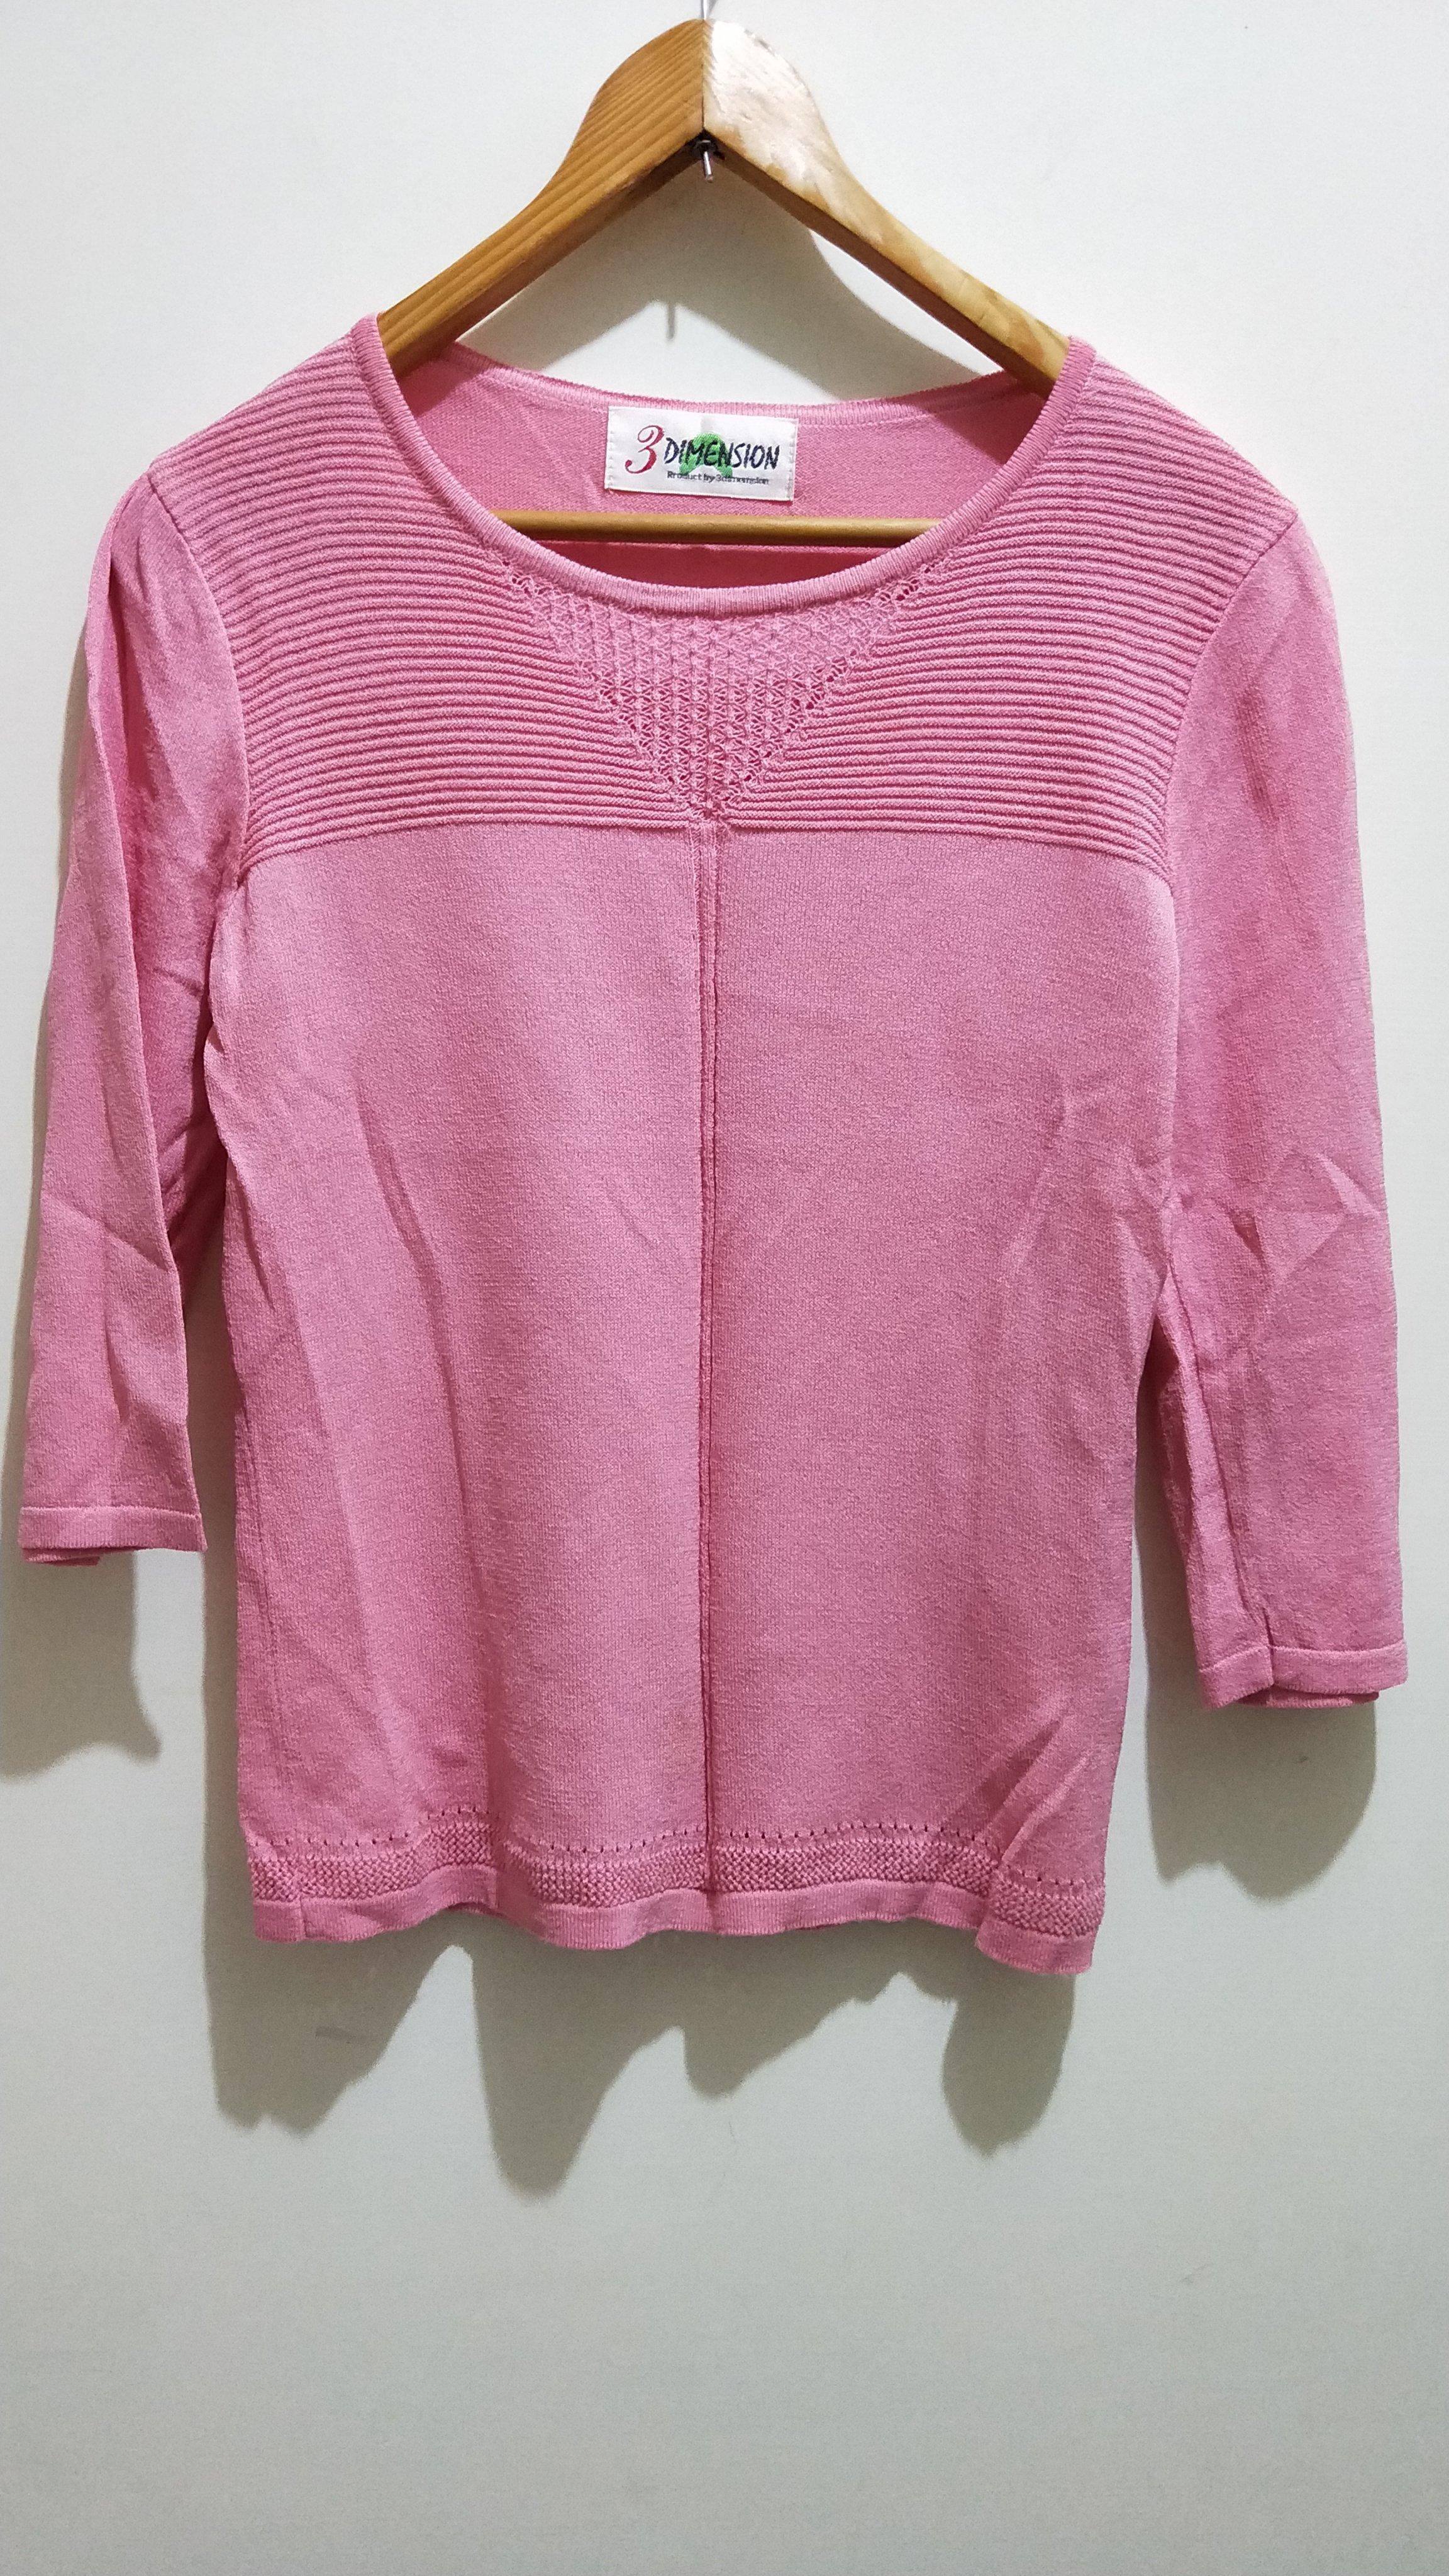 【 衣櫃】3DIMENSION 粉紅色波浪邊素色百搭針織上衣 修身顯瘦棉質長袖上衣 文藝清新氣質 舒適亞麻U領上衣